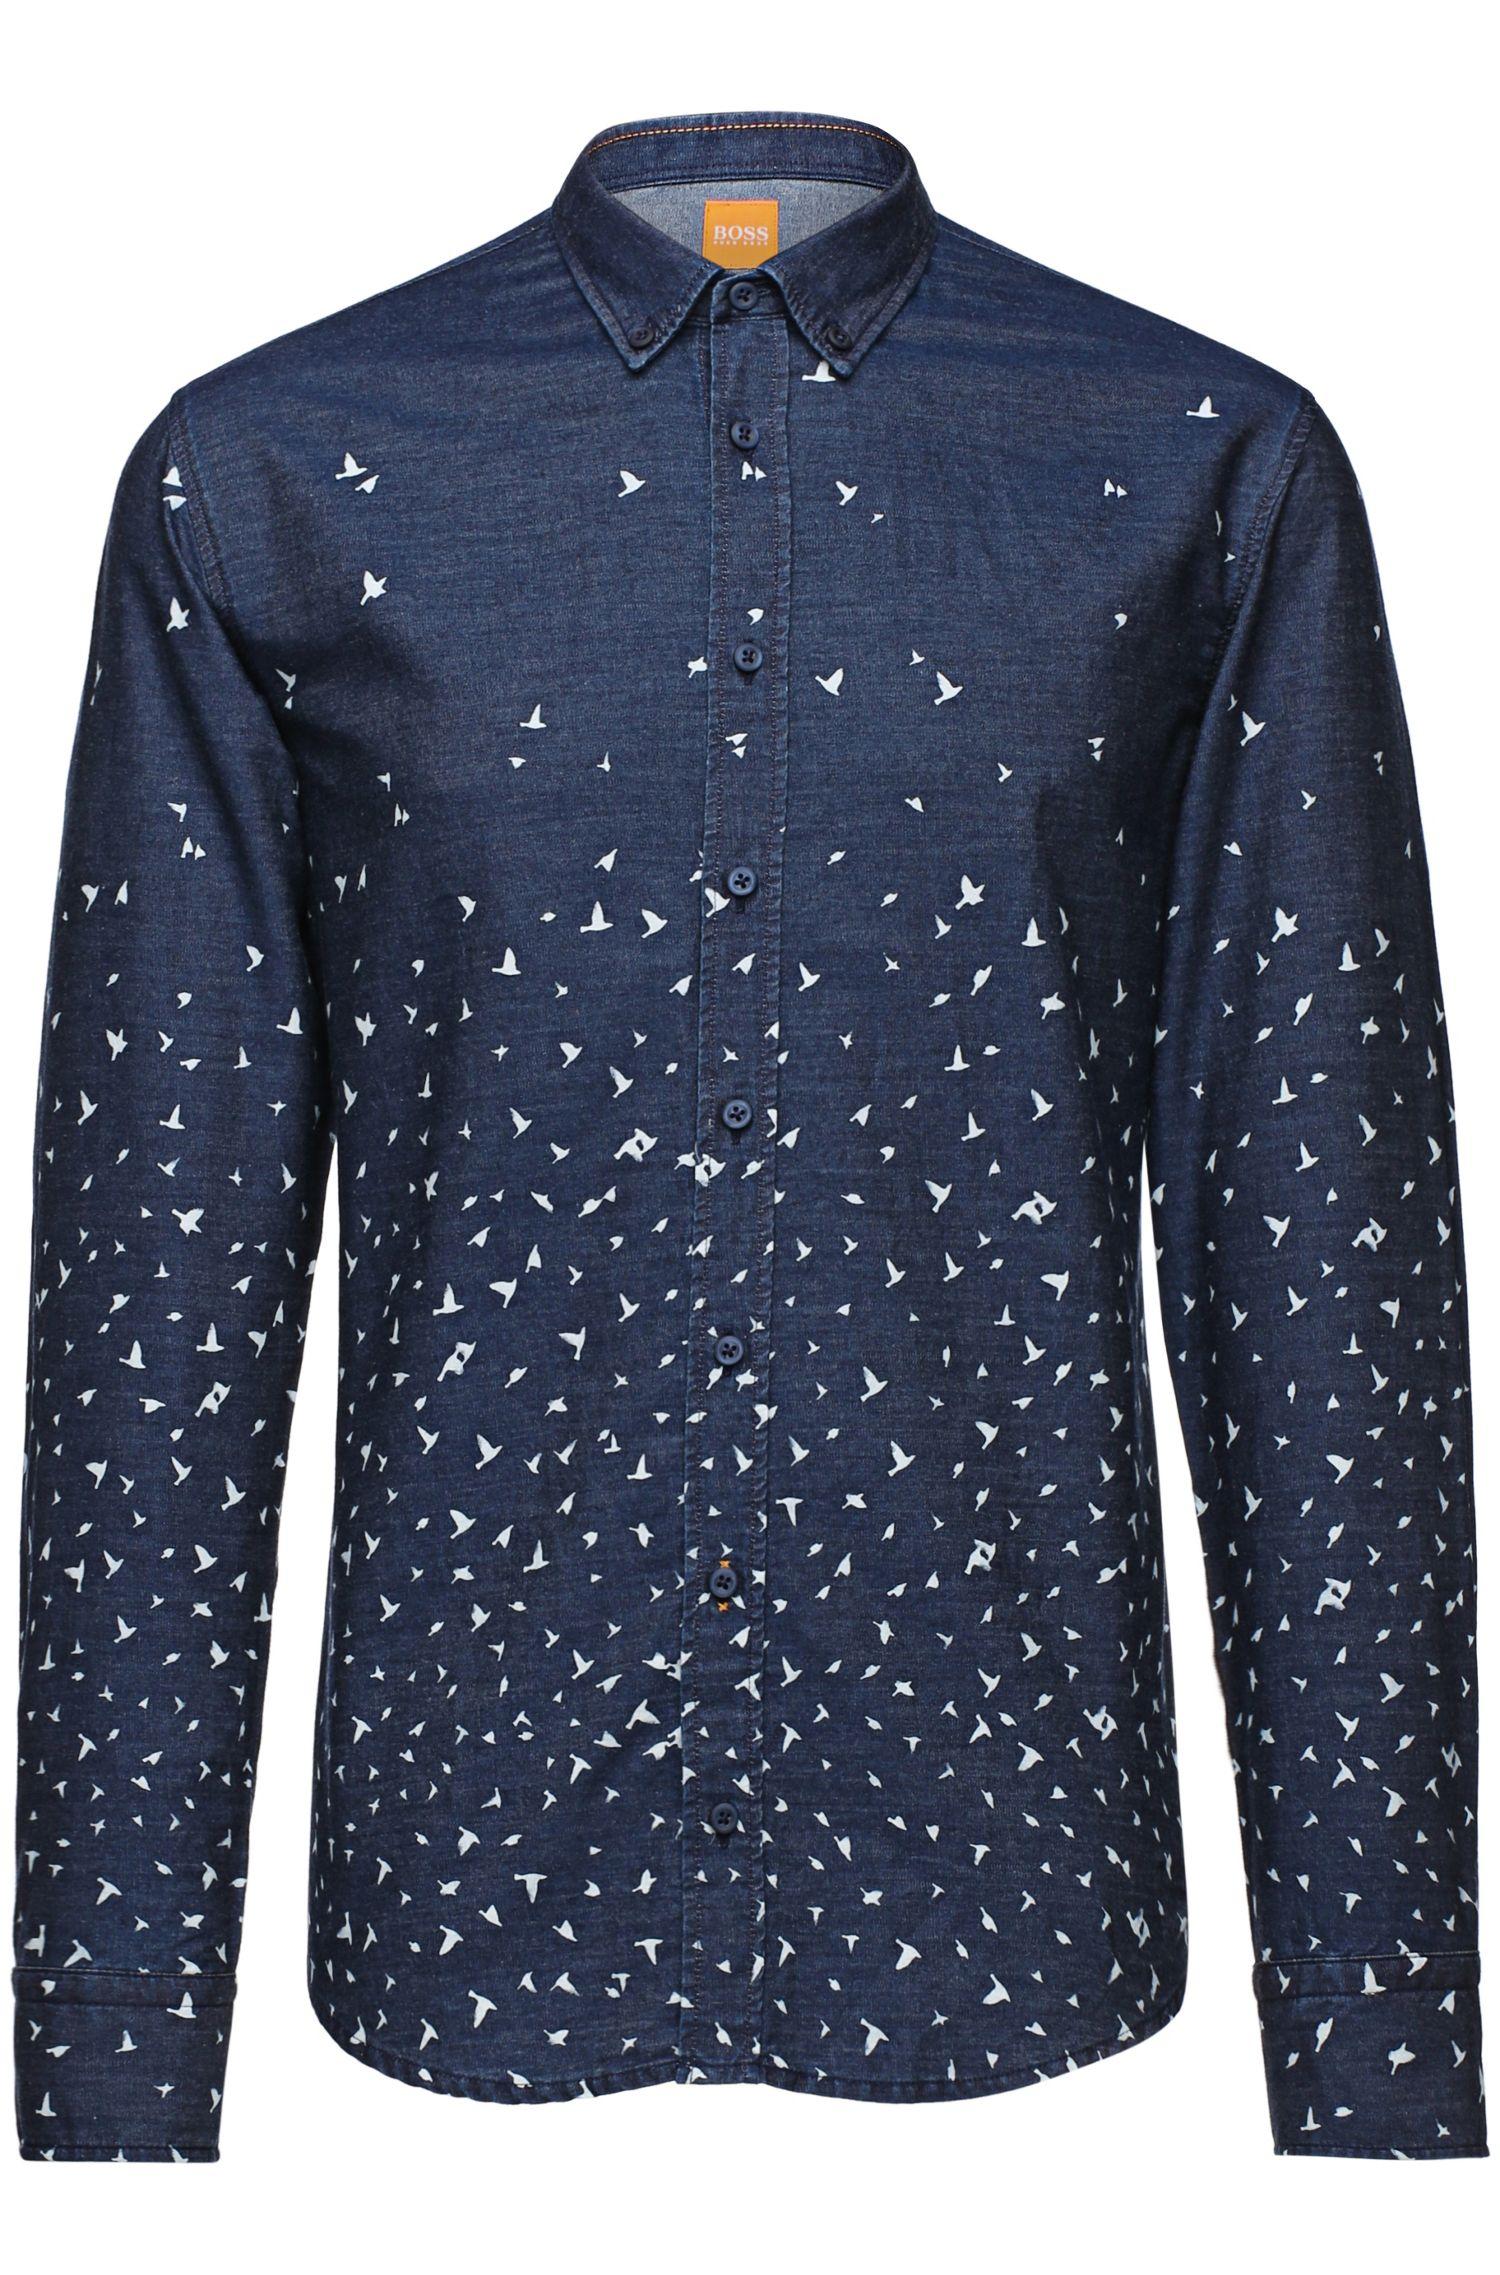 'EdipoE' | Slim Fit, Cotton Button Down Shirt